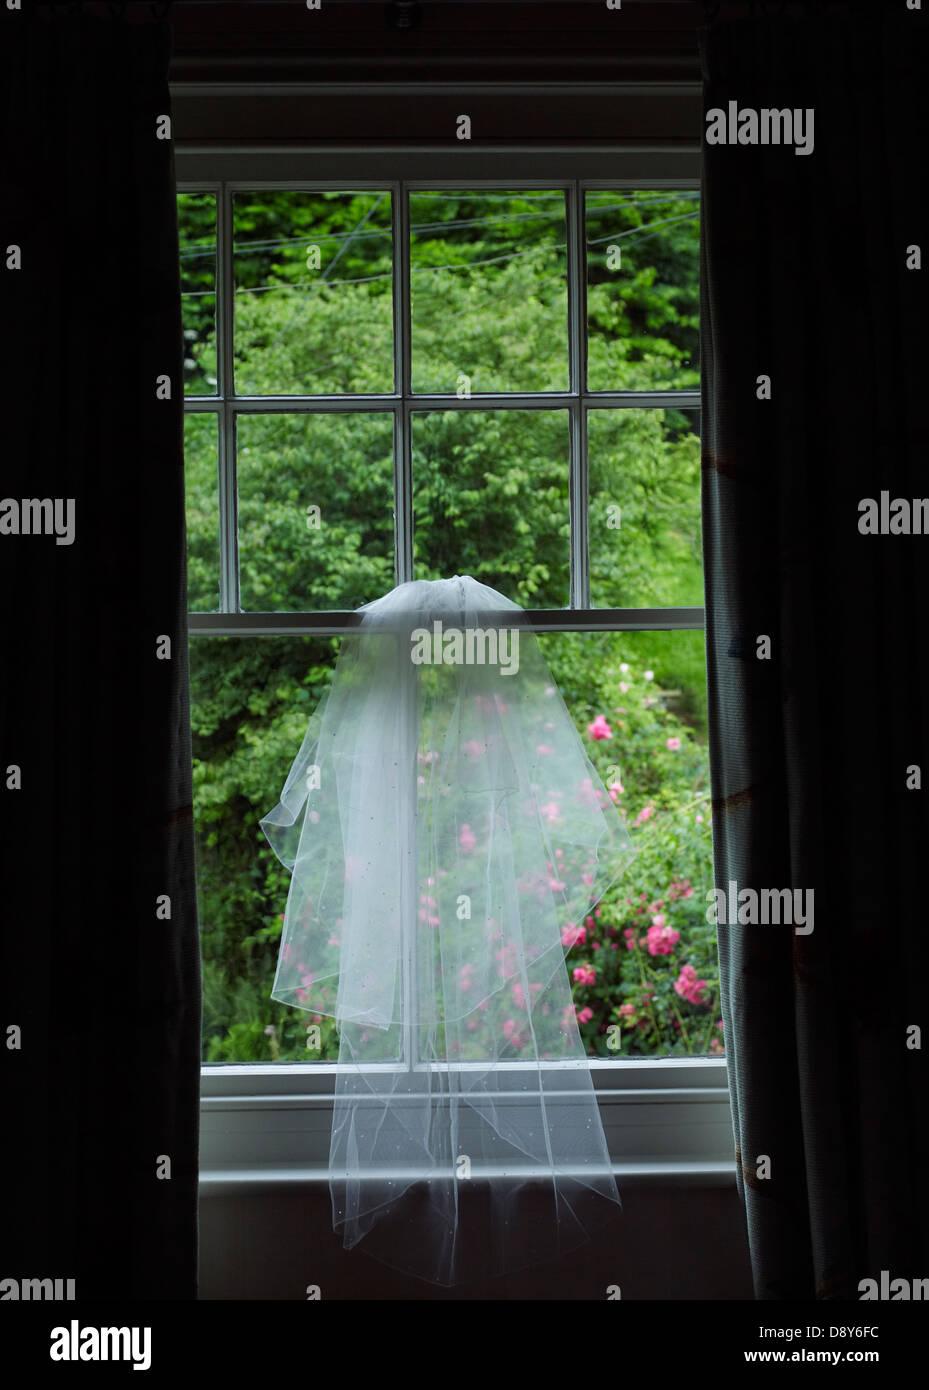 Un velo di nozze appeso ad una finestra che si affaccia su un giardino verde. Immagini Stock